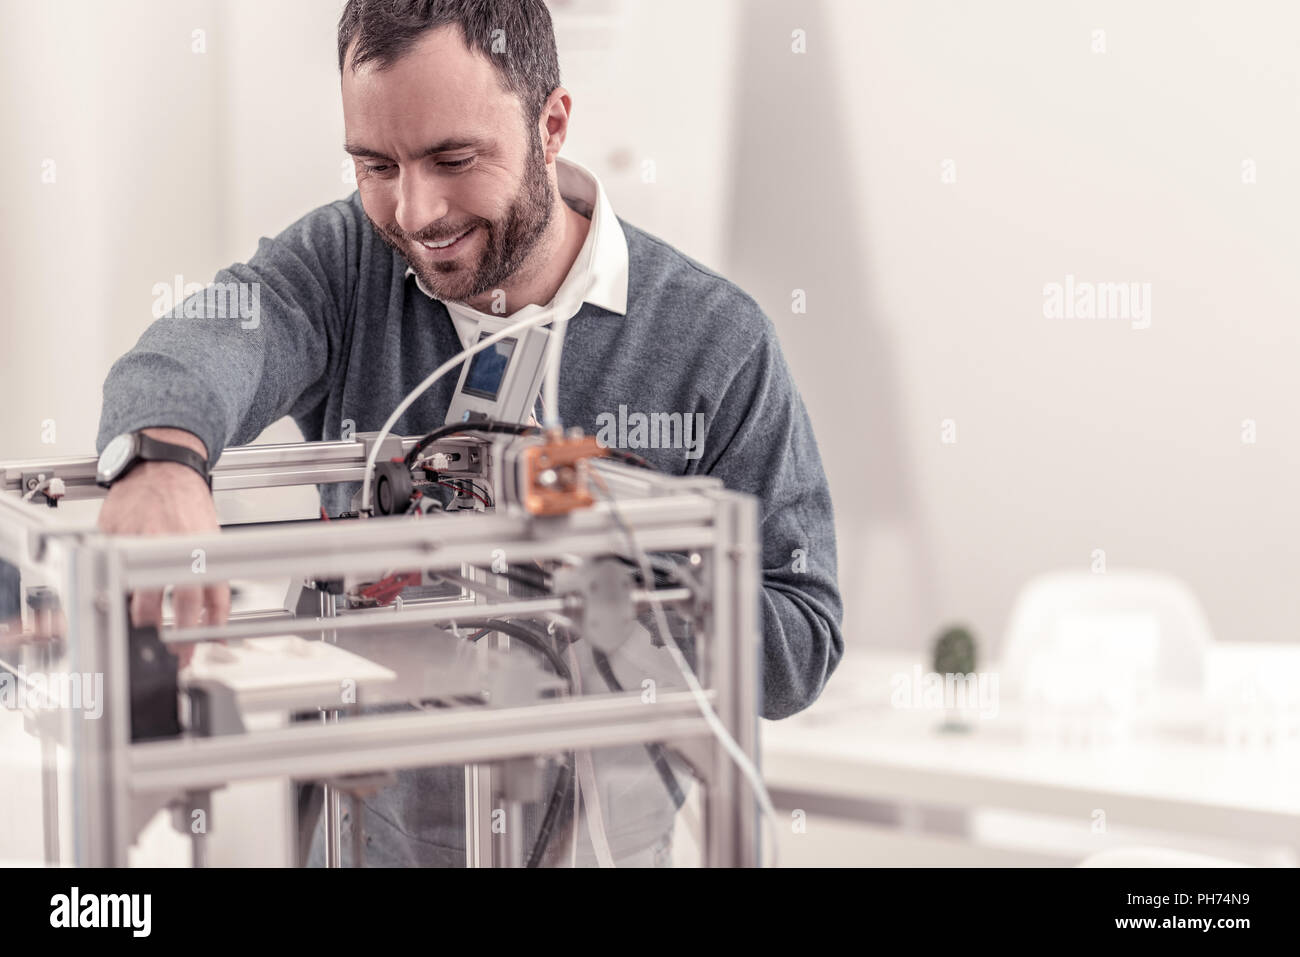 Sorridente uomo adulto alla sperimentazione di nuove a3D printer Immagini Stock